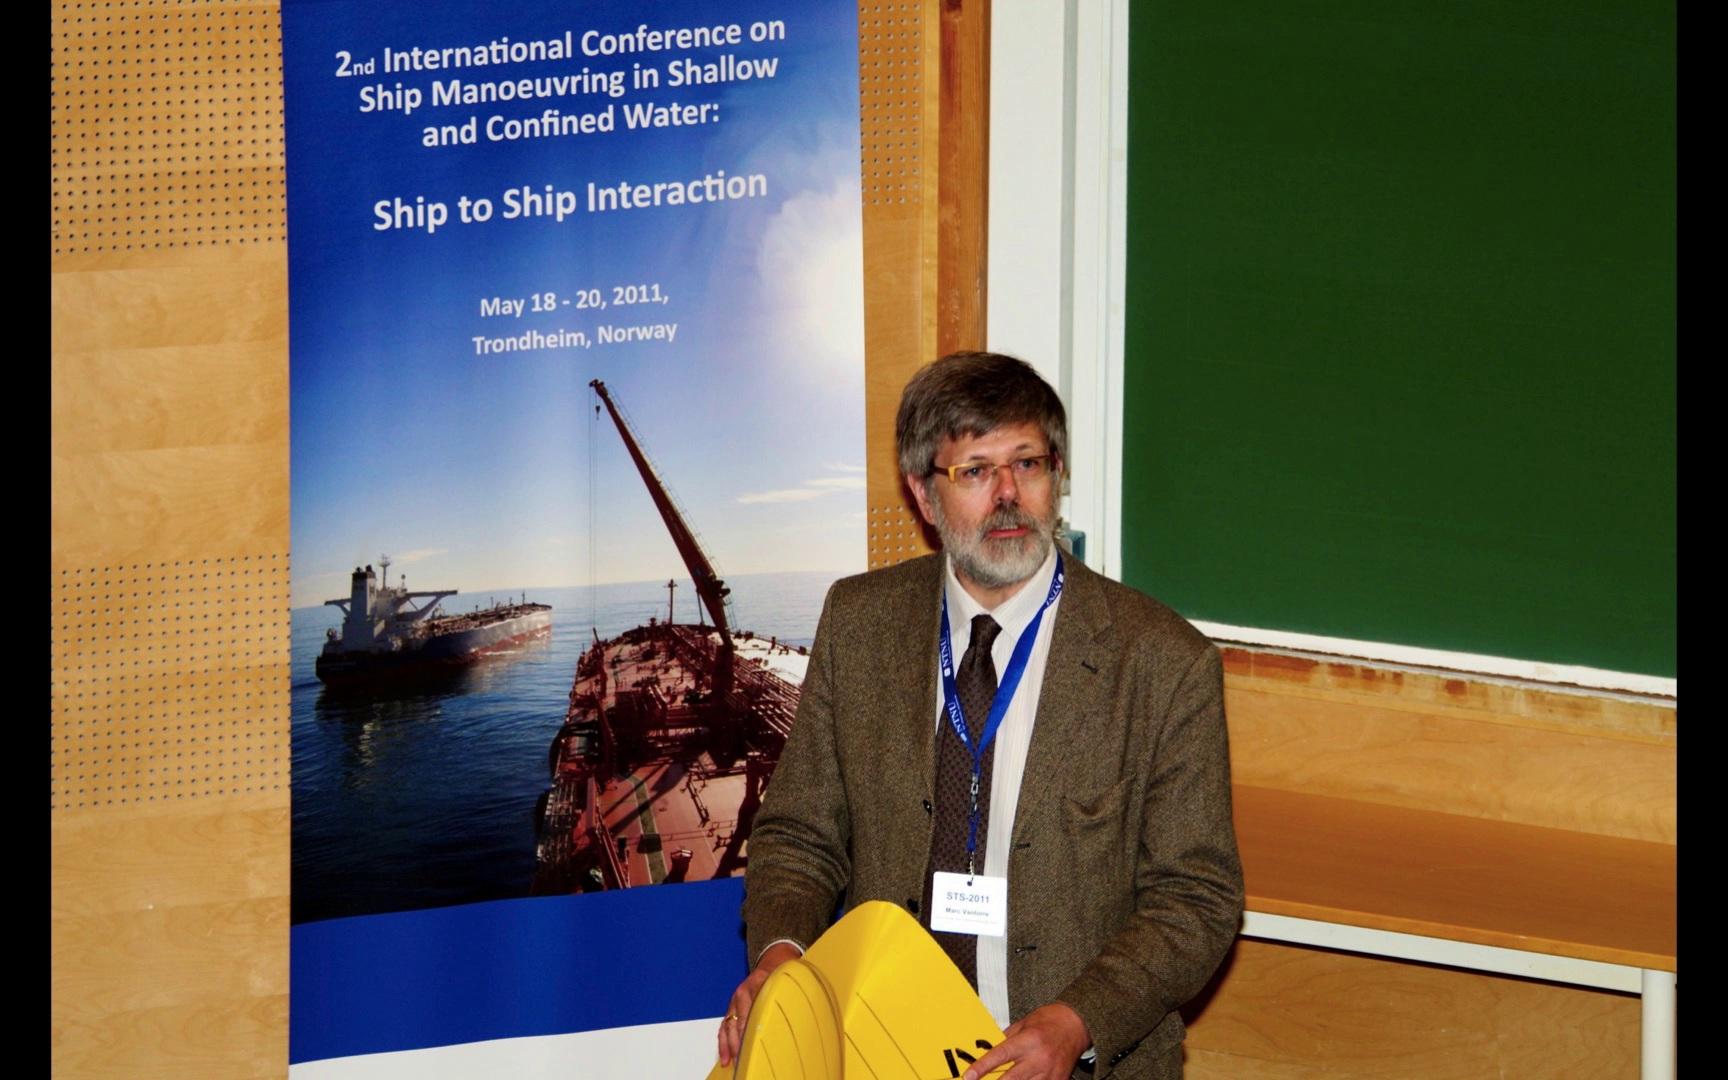 ship to ship interaction